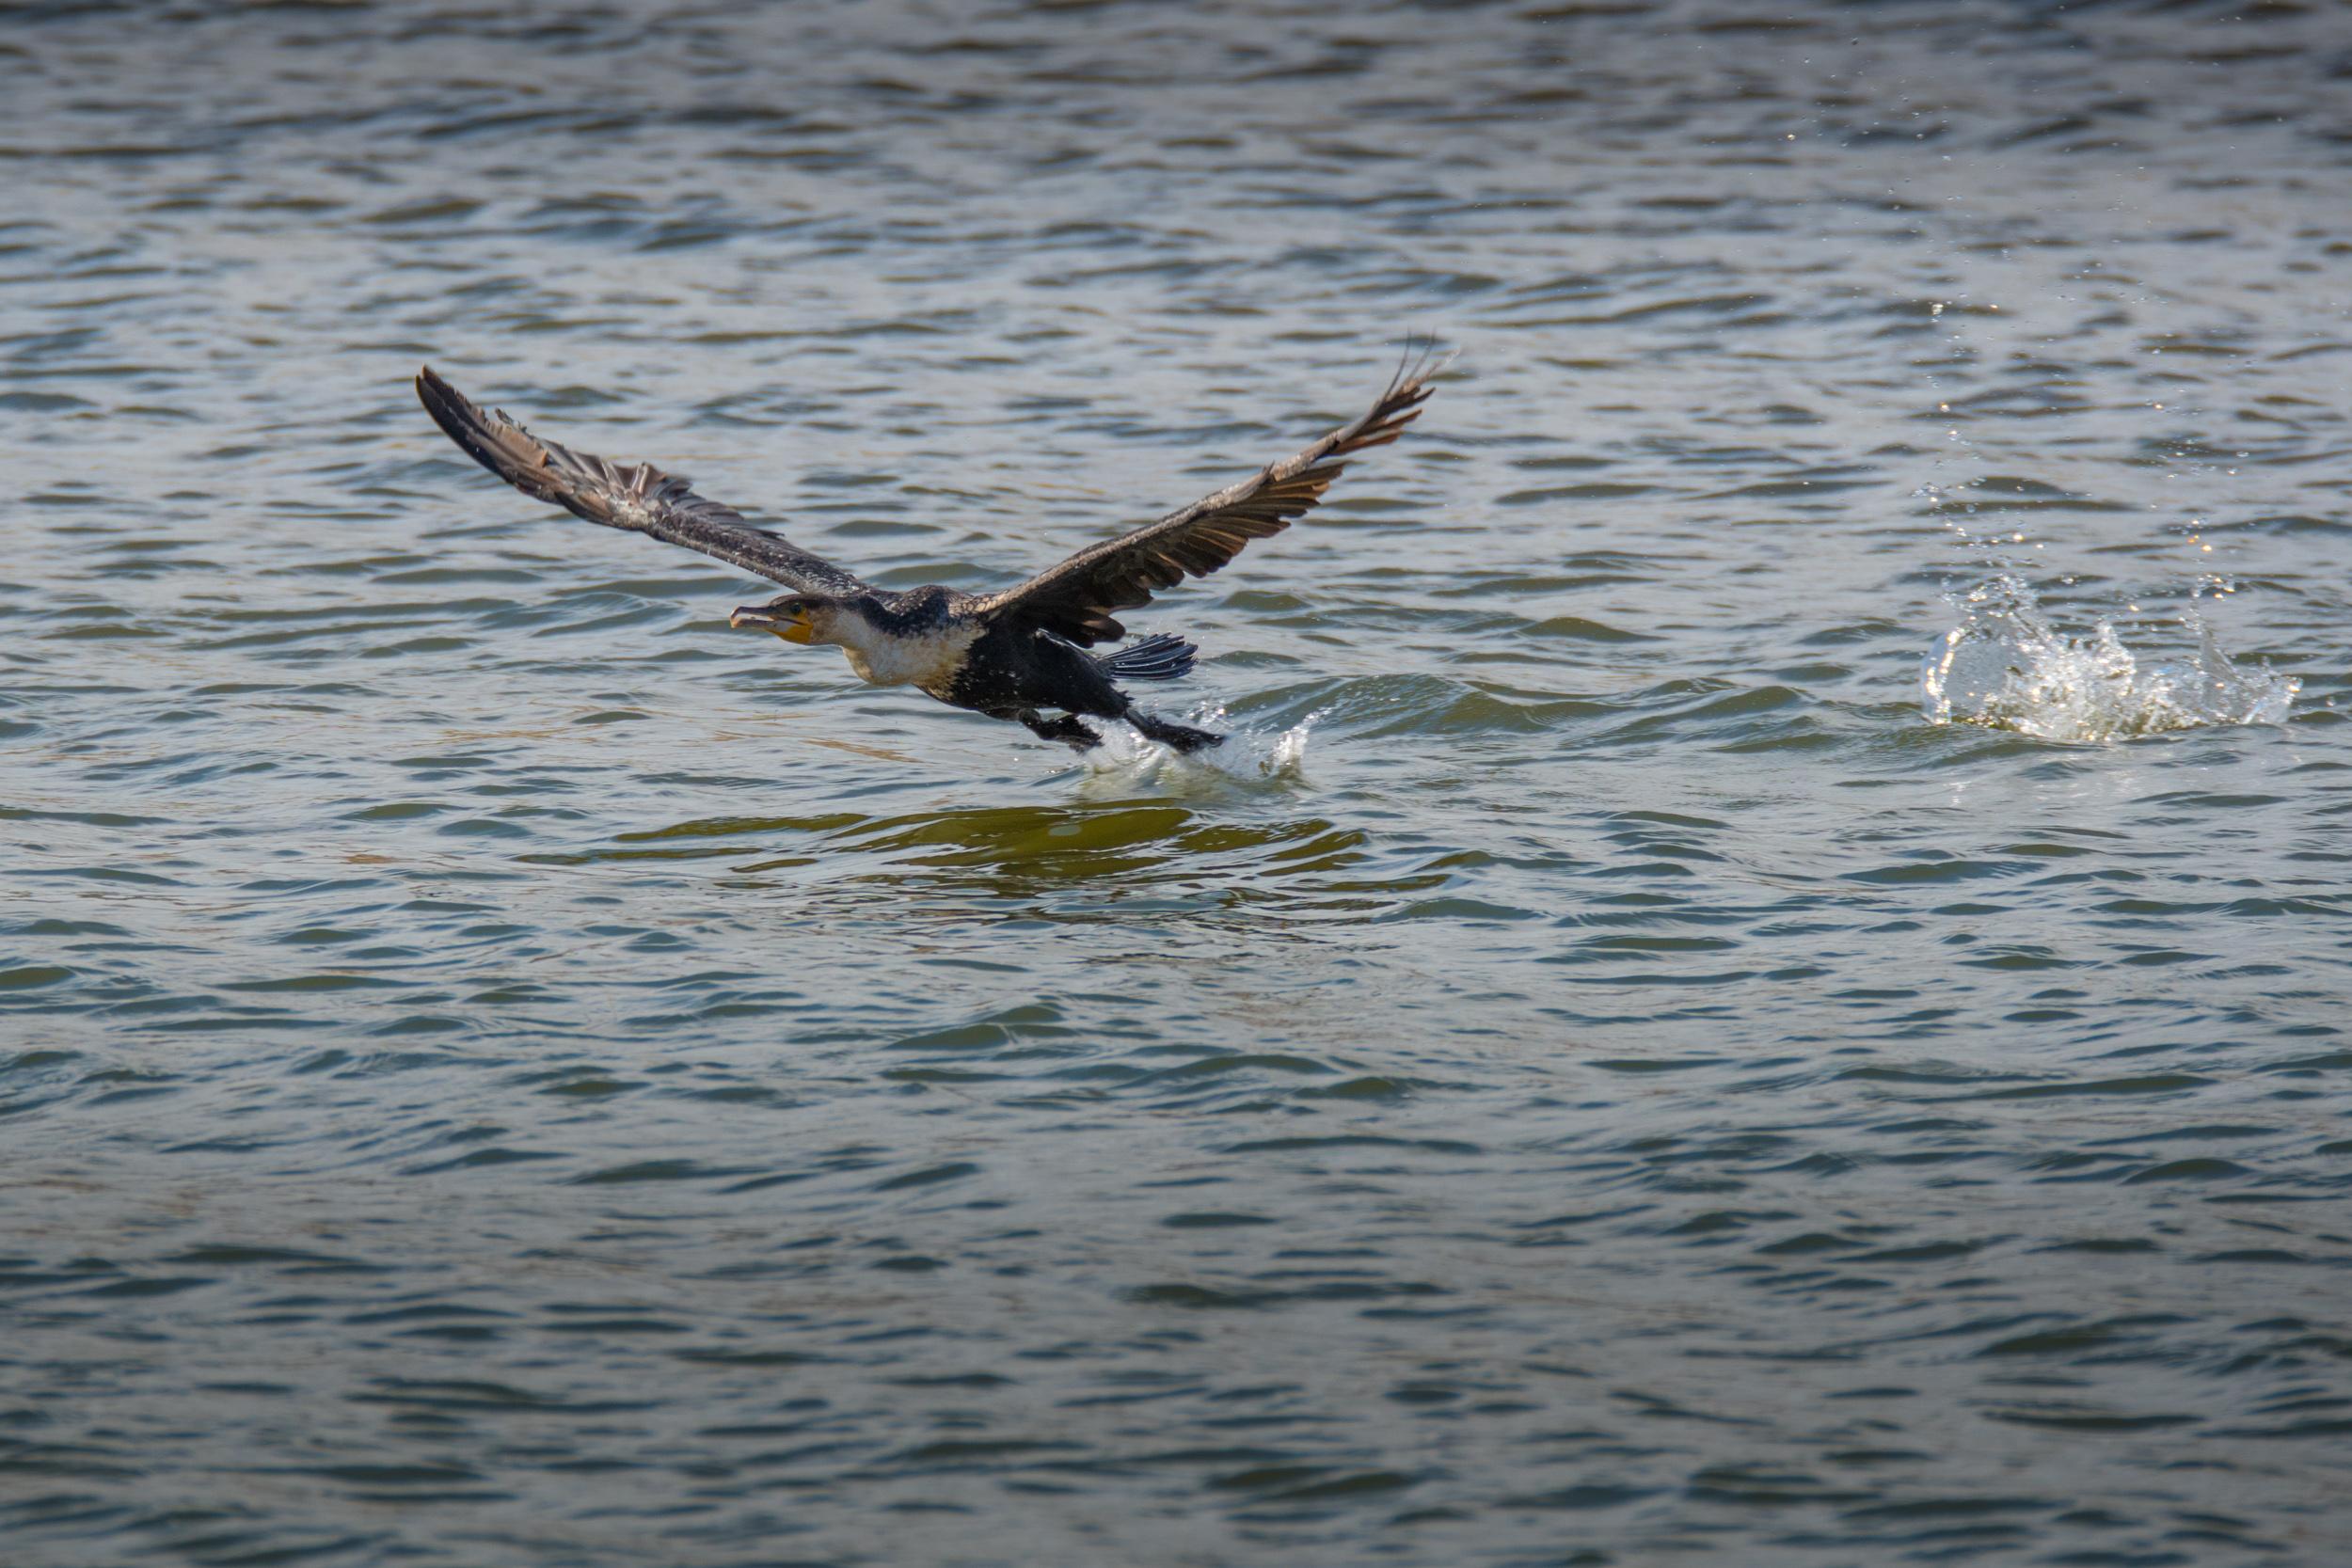 birds-large-nowatermark-15.jpg